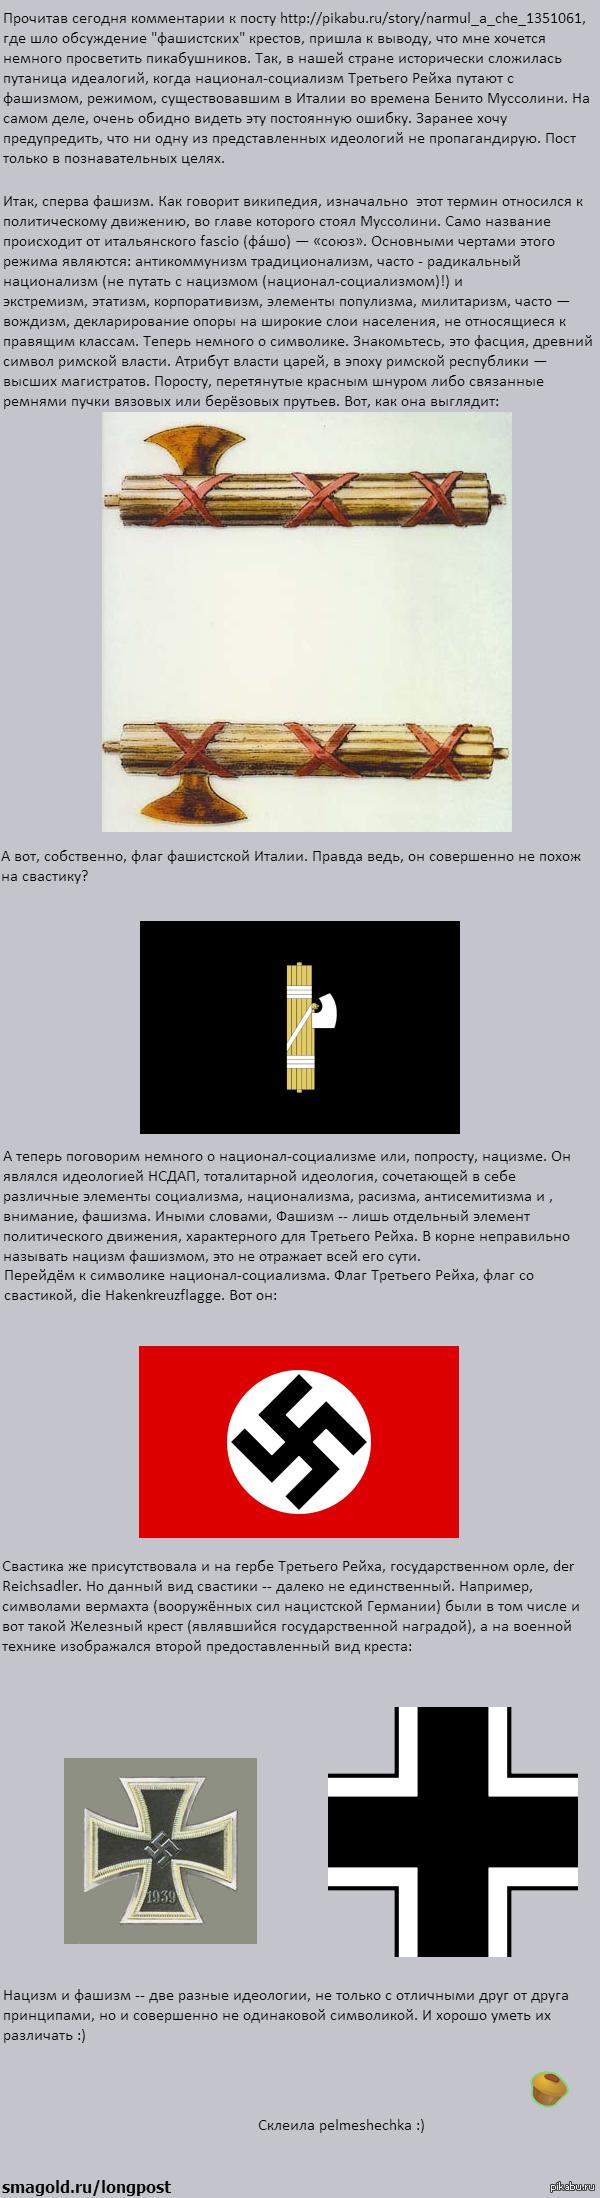 фашистский режим в германии схема